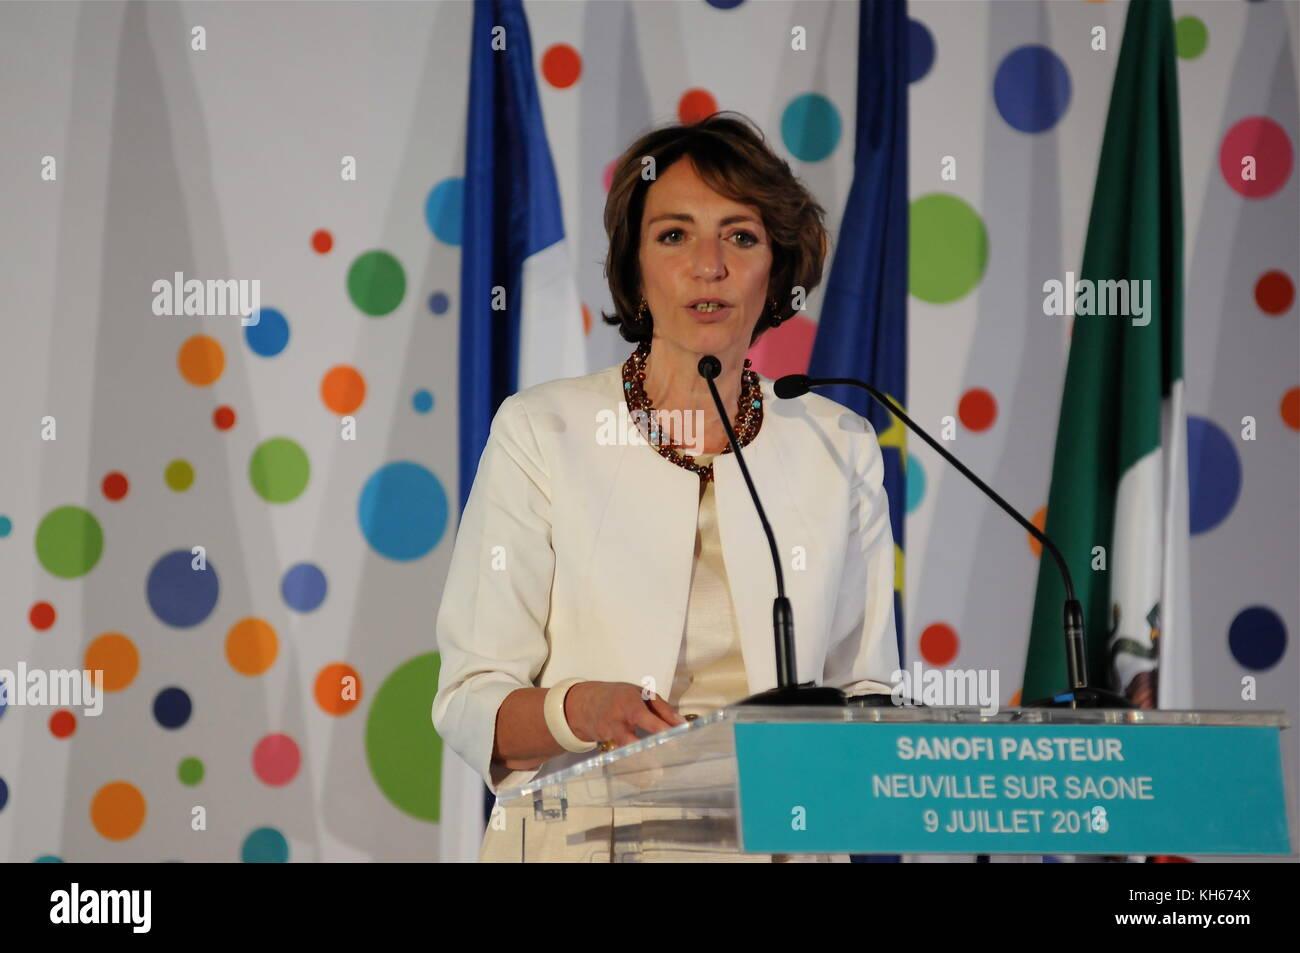 Sanofi Pasteur Stock Photos & Sanofi Pasteur Stock Images